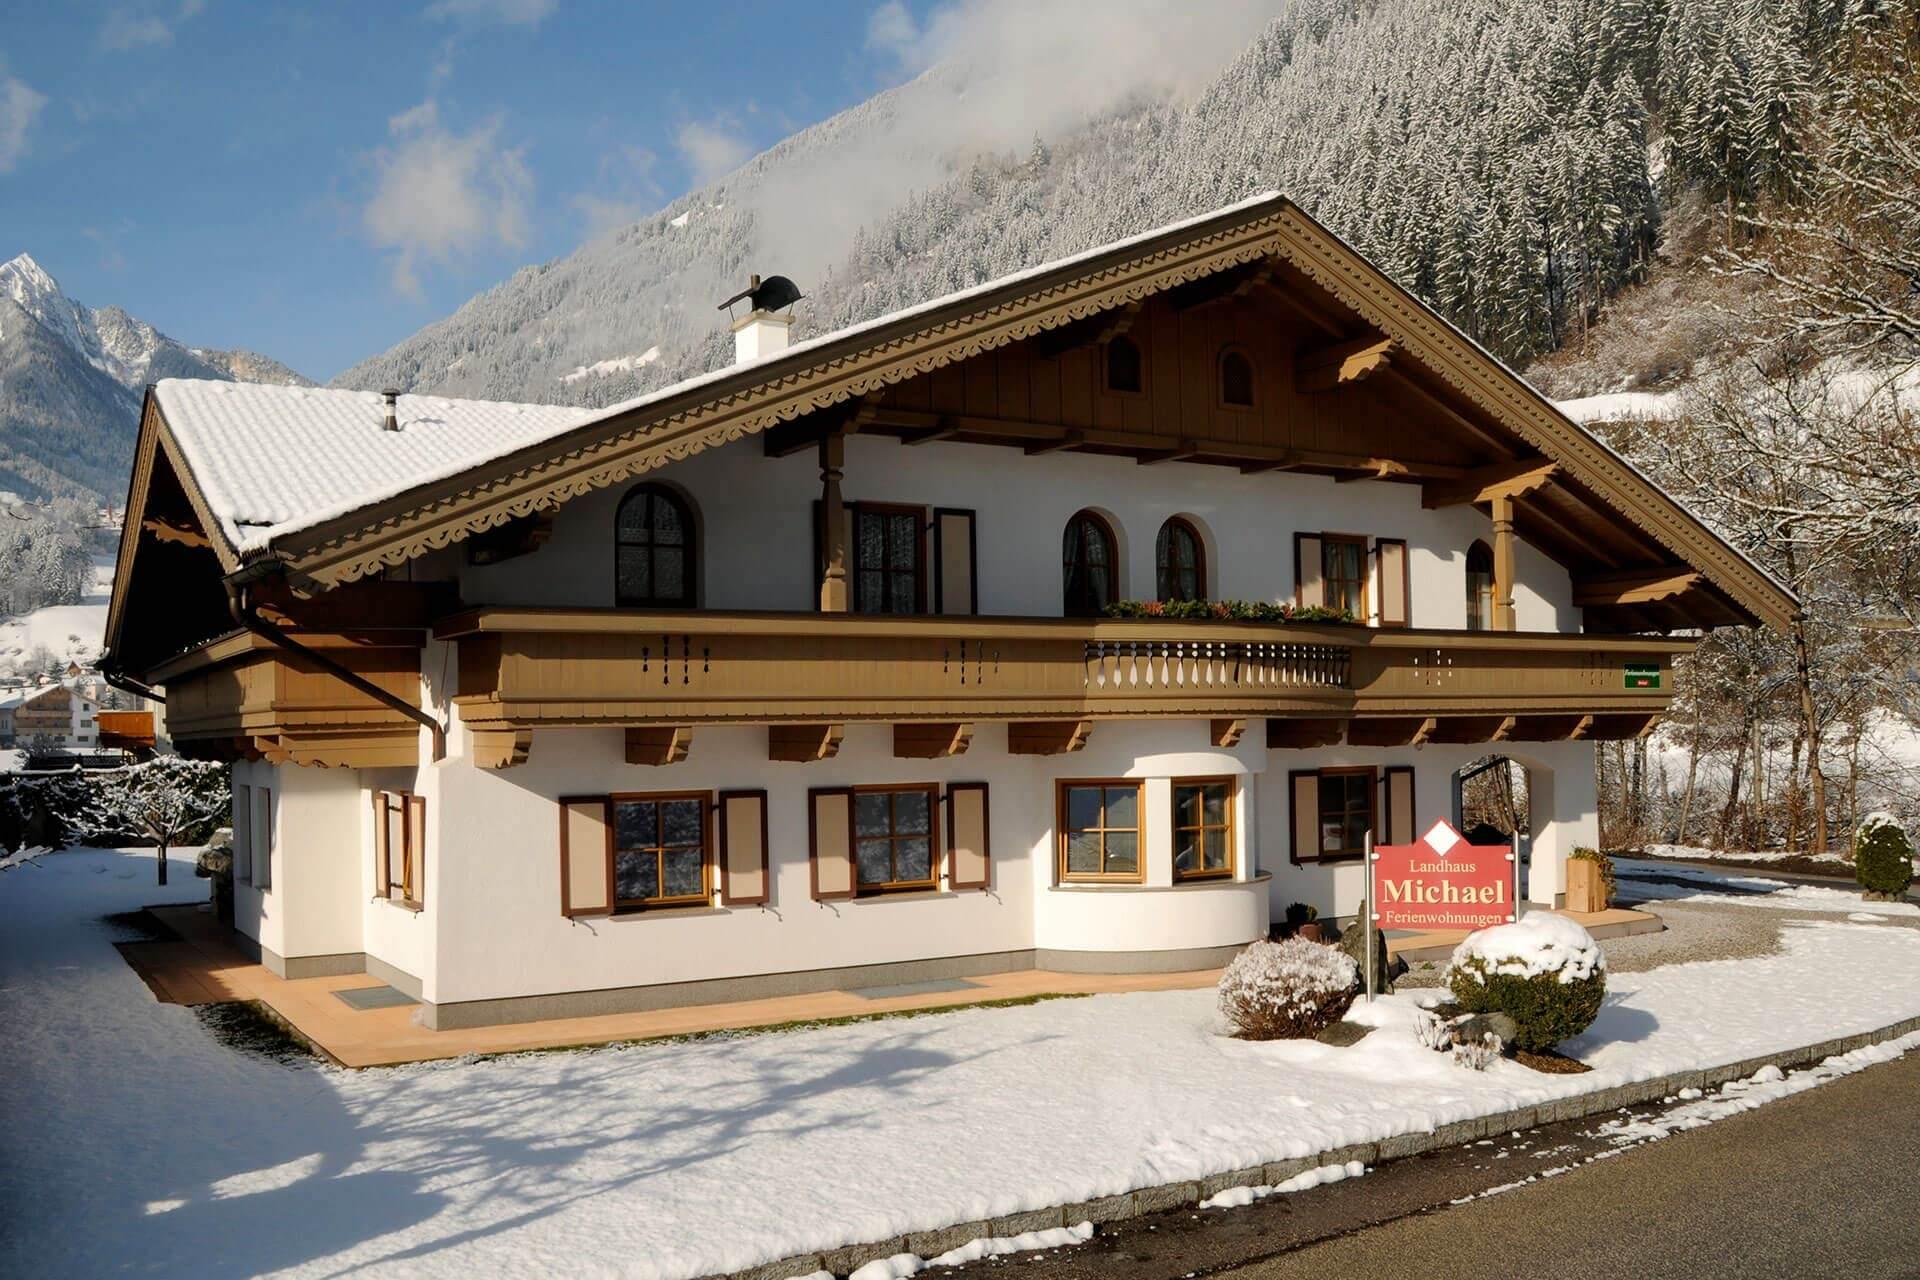 Landhaus Michael Aussenansicht